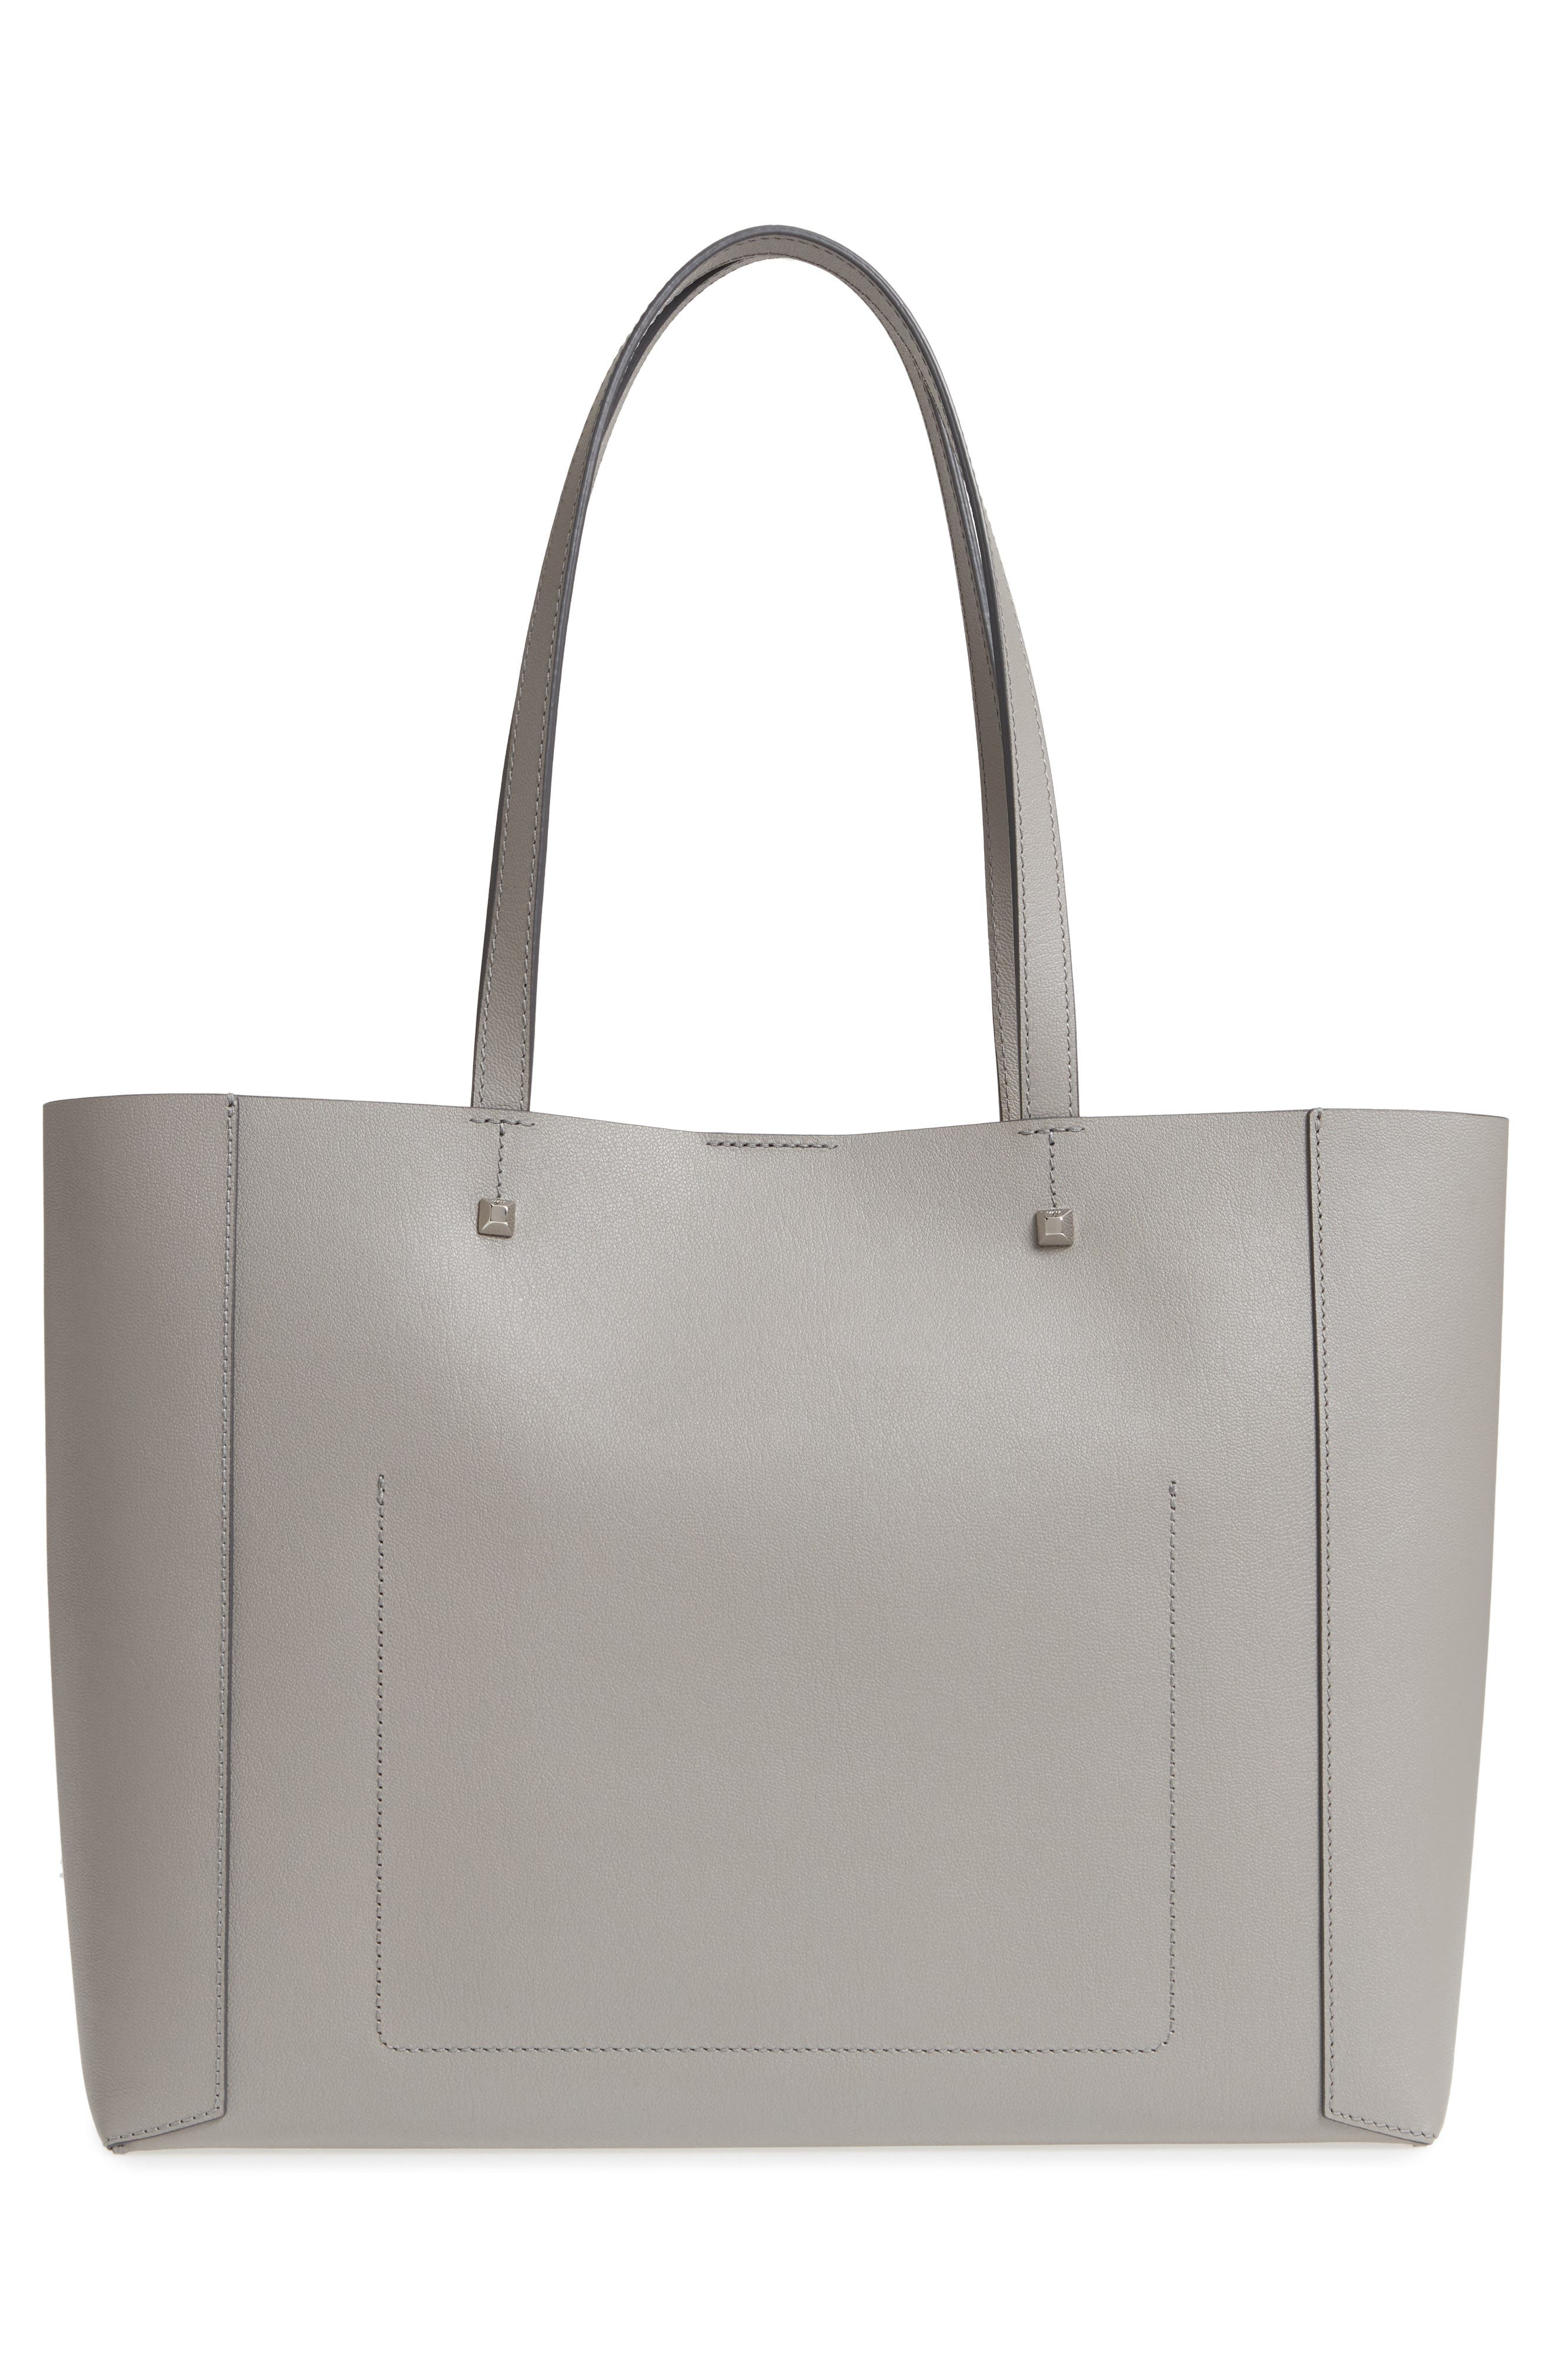 Ilse East/West Leather Shopper,                             Alternate thumbnail 3, color,                             Arch Grey